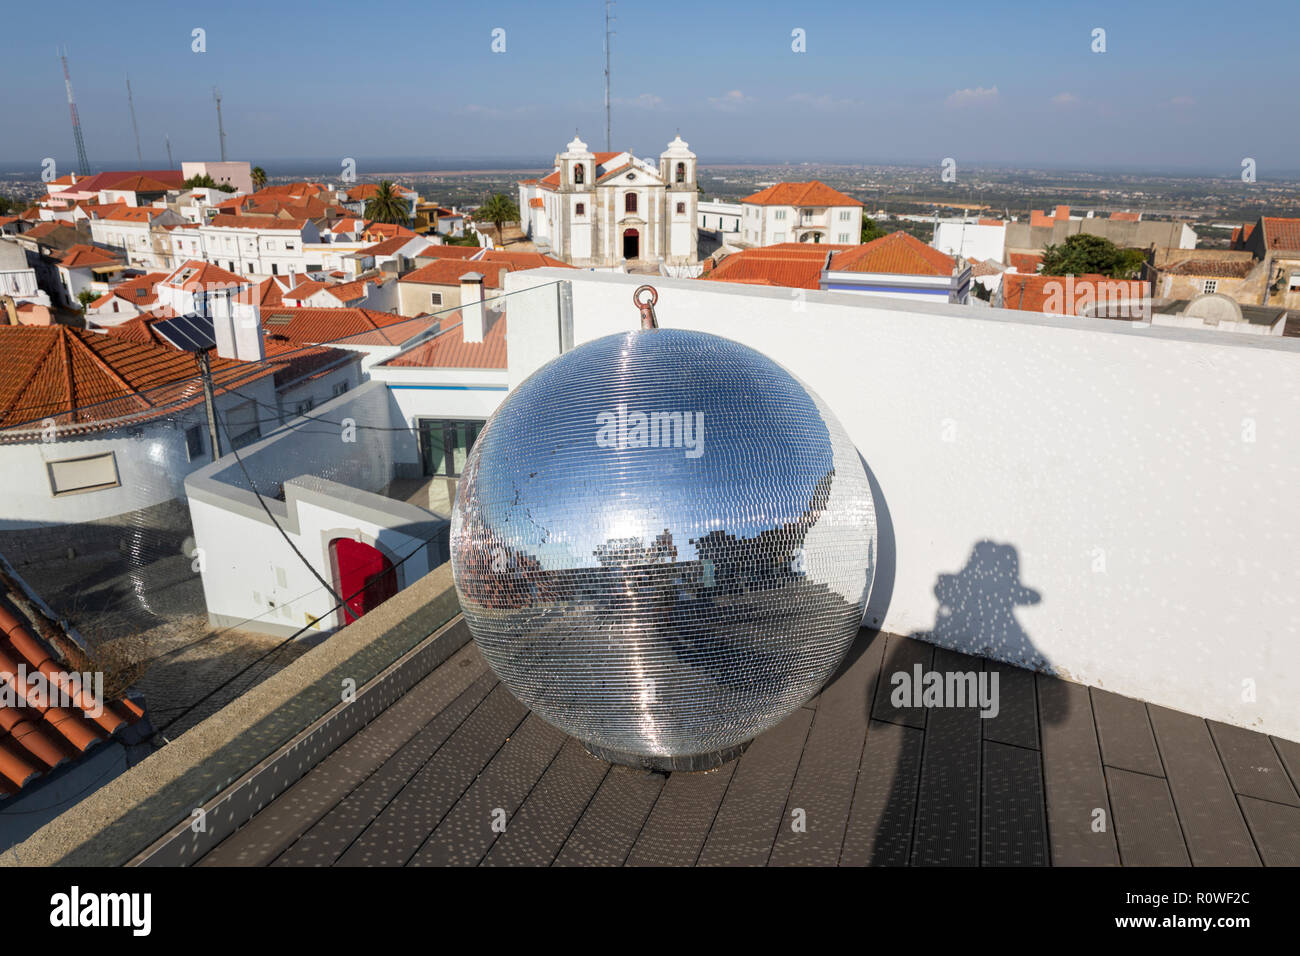 Mirror Ball und Blick über die Stadt von Palmela mit der Igreja de Sao Pedro de Palmela Setubal, Palmela, Bezirk, Region Lissabon, Portugal, Europa Stockbild